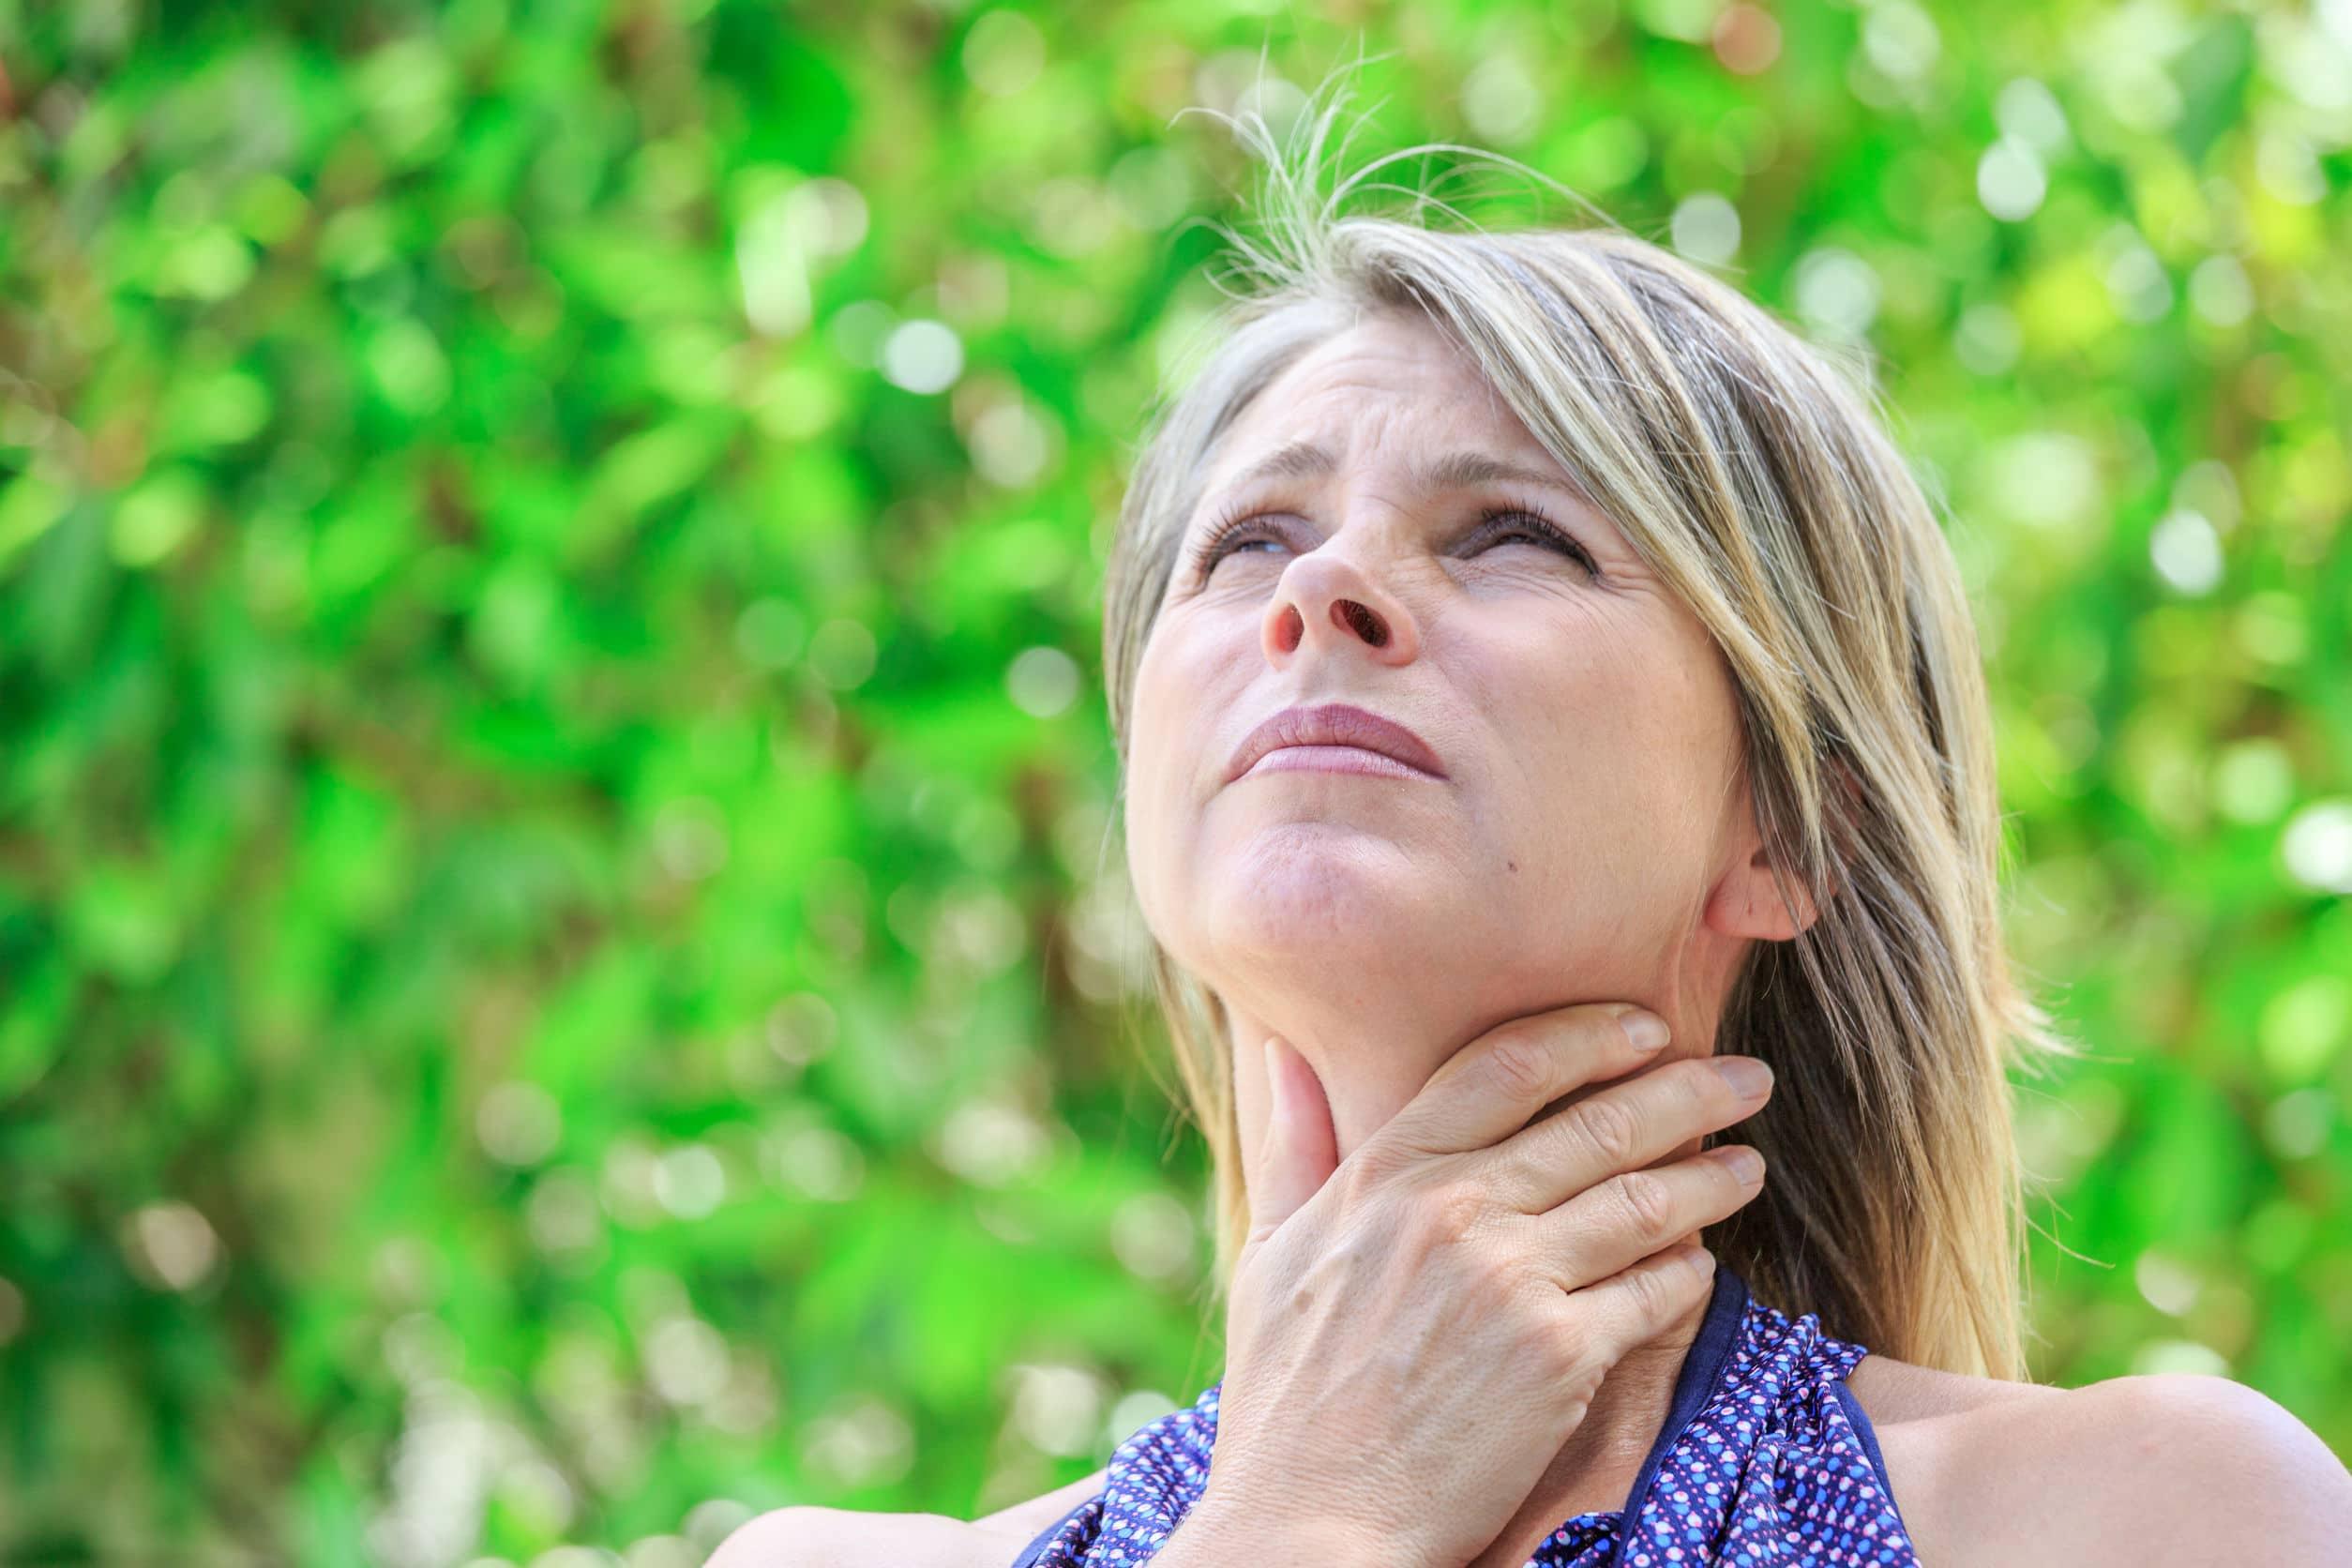 Mulher com as mãos na região da garganta e expressão de dor.